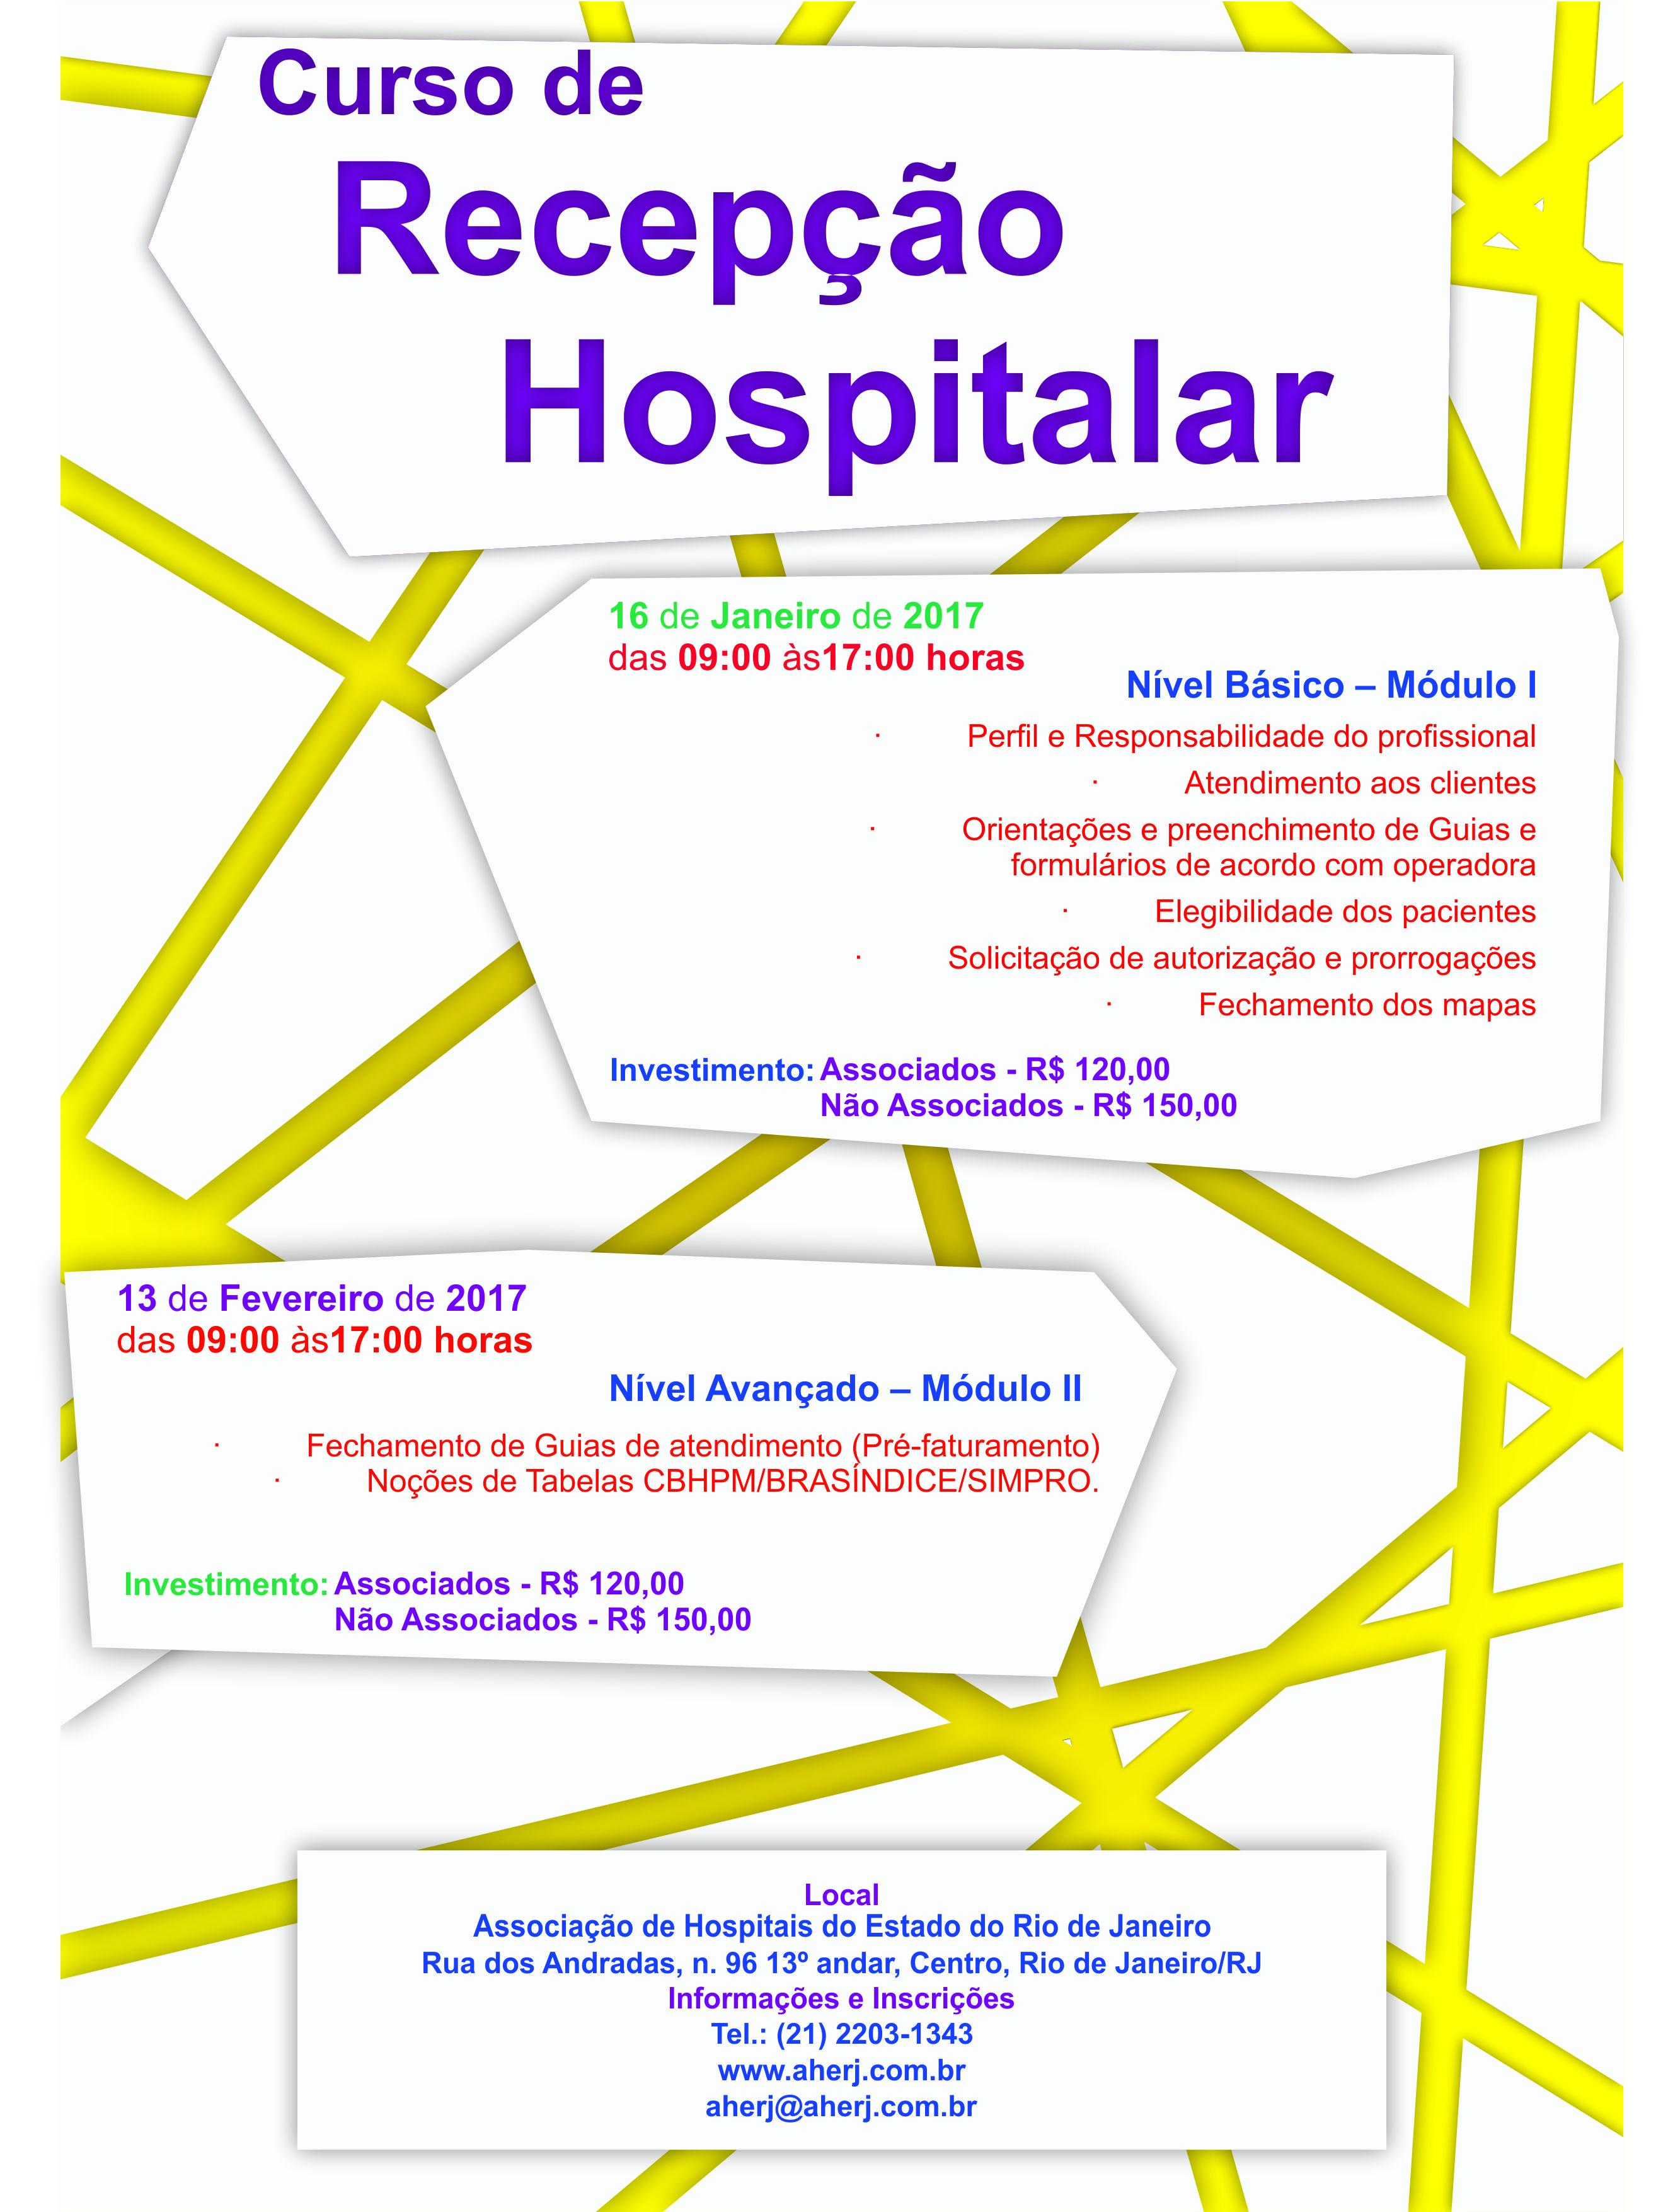 Curso qualidade hospitalar